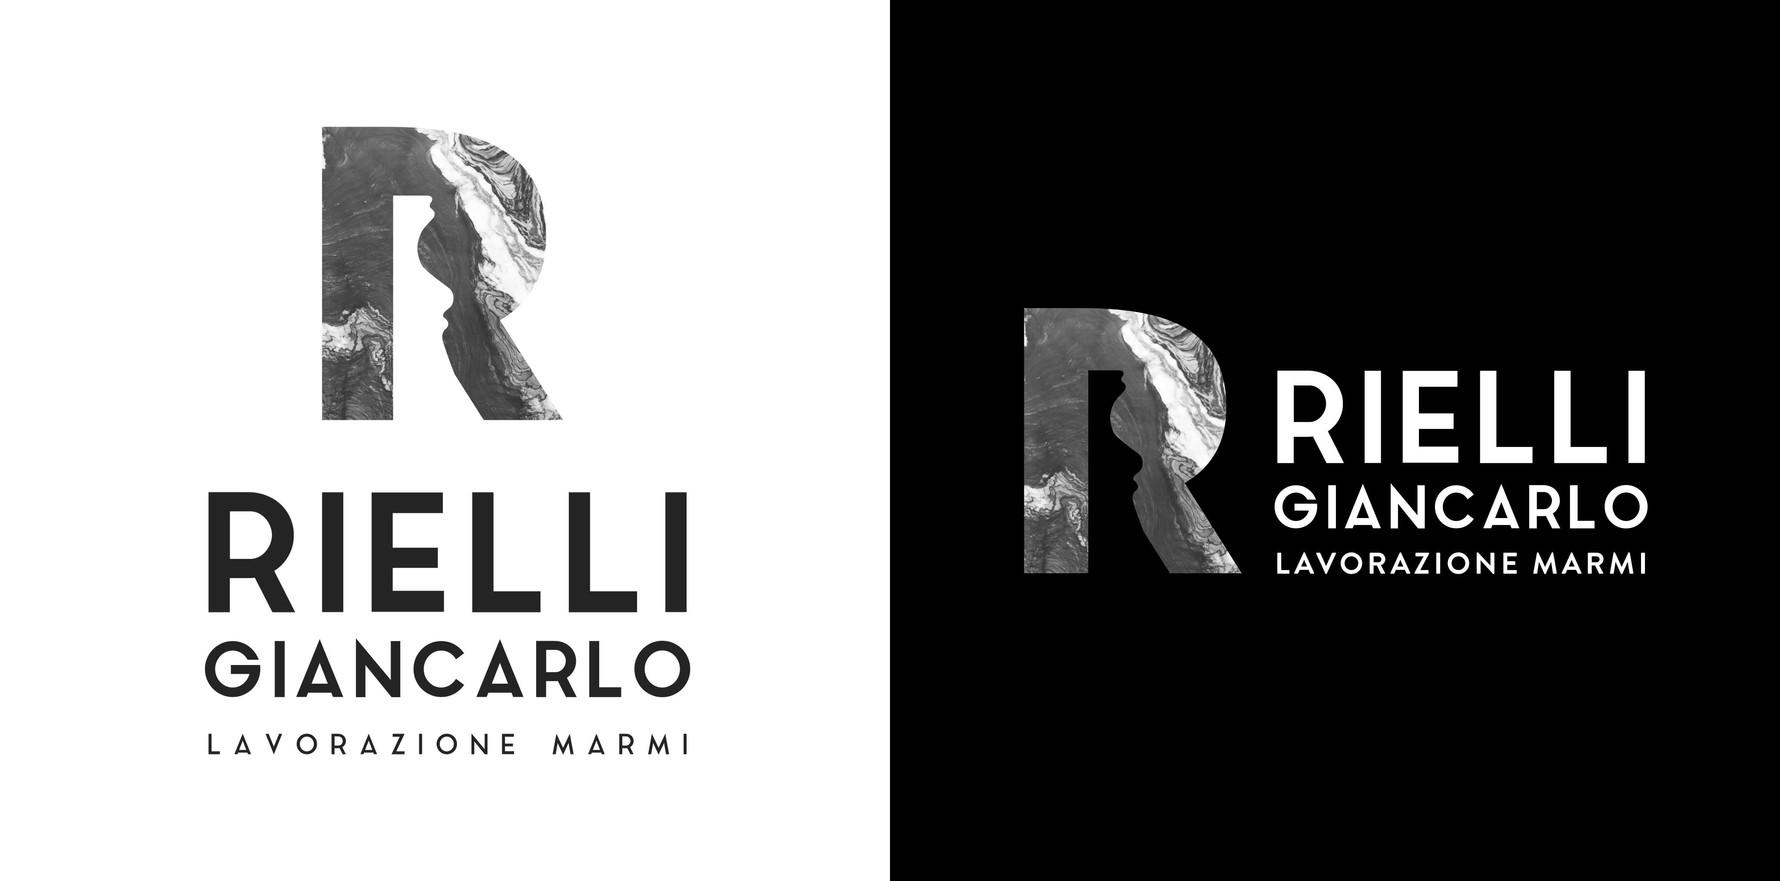 01_ch_rielli_logo.jpg